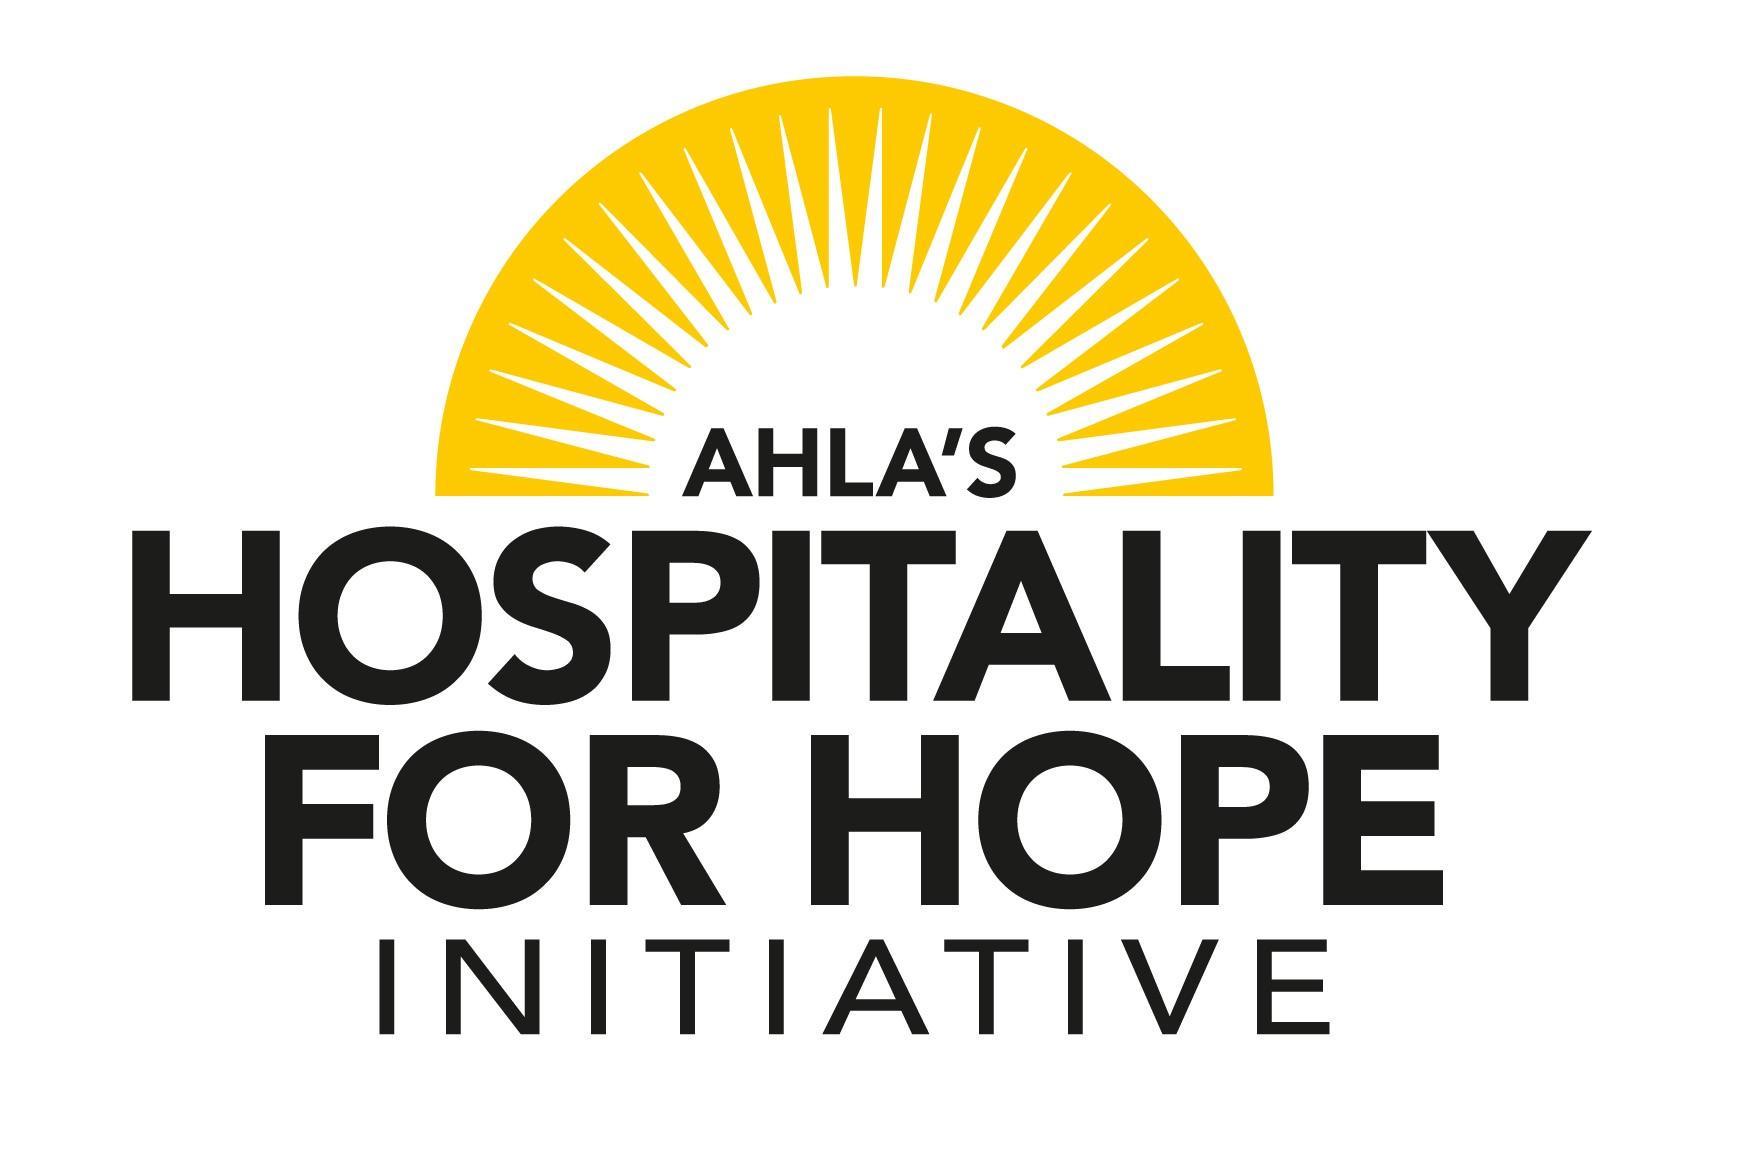 AHLA's Hospitality for Hope Initiative Logo